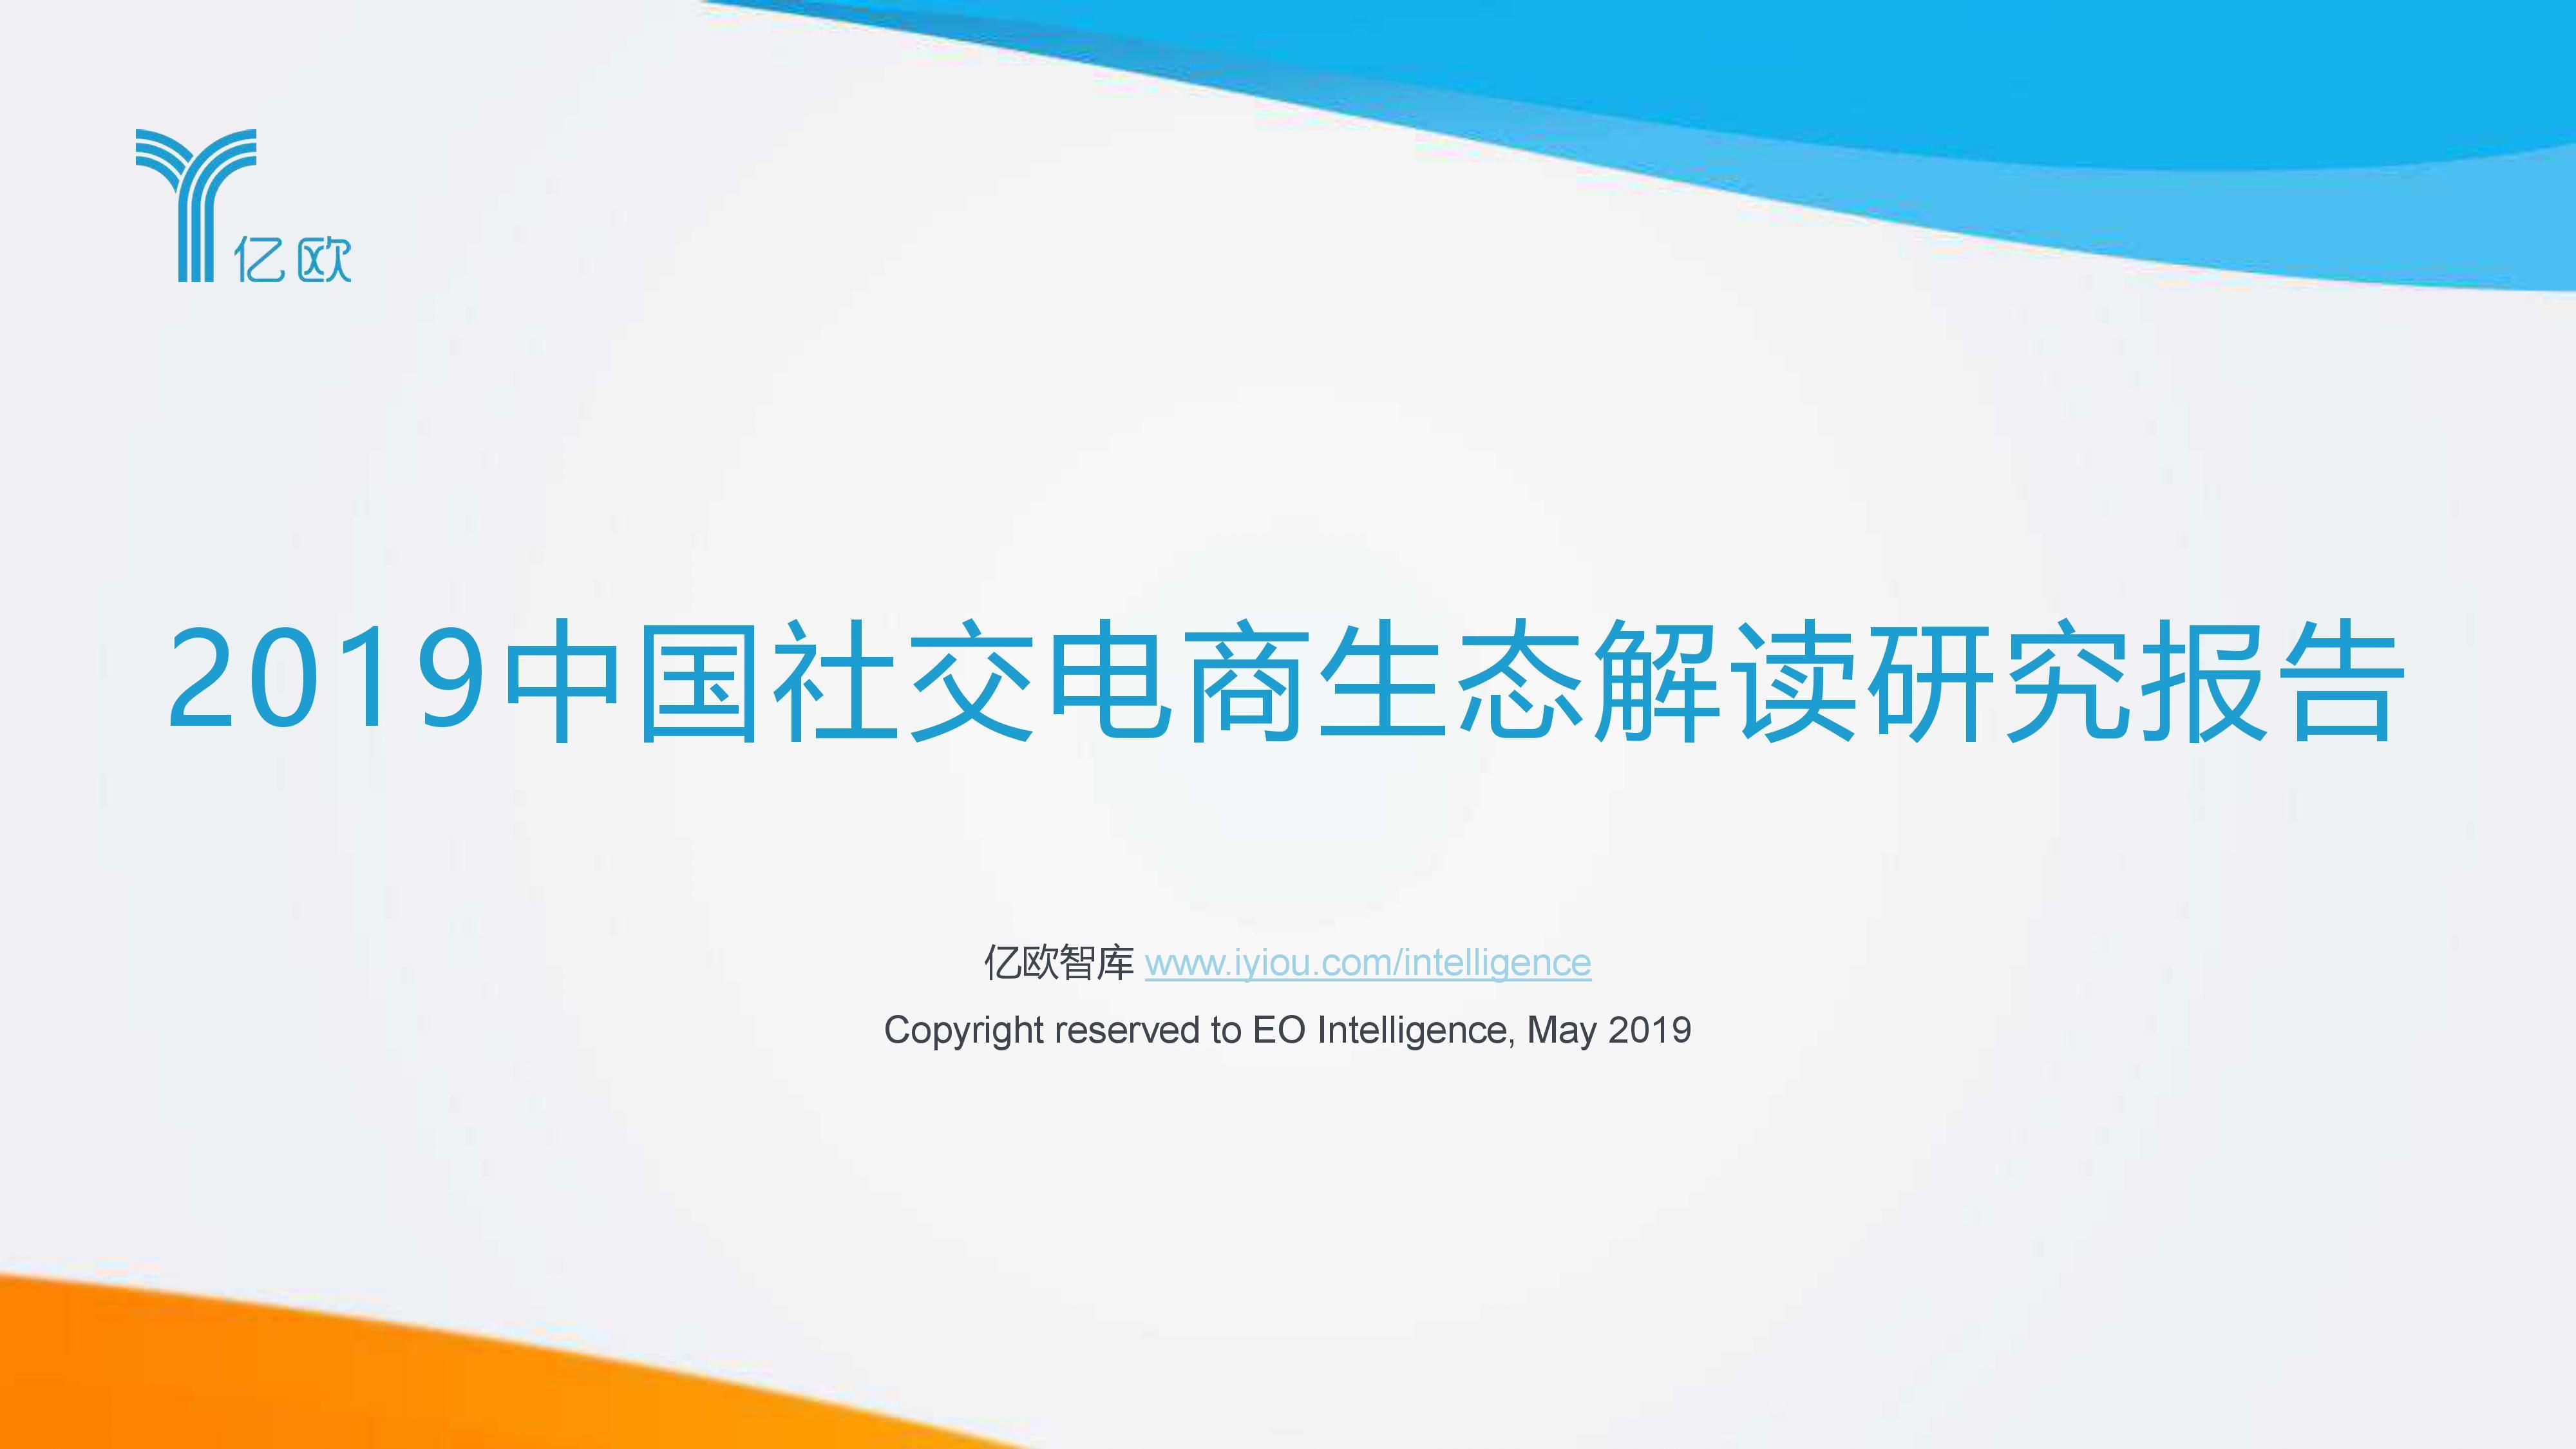 2019中国社交电商生态解读研究报告(内附完整报告下载)